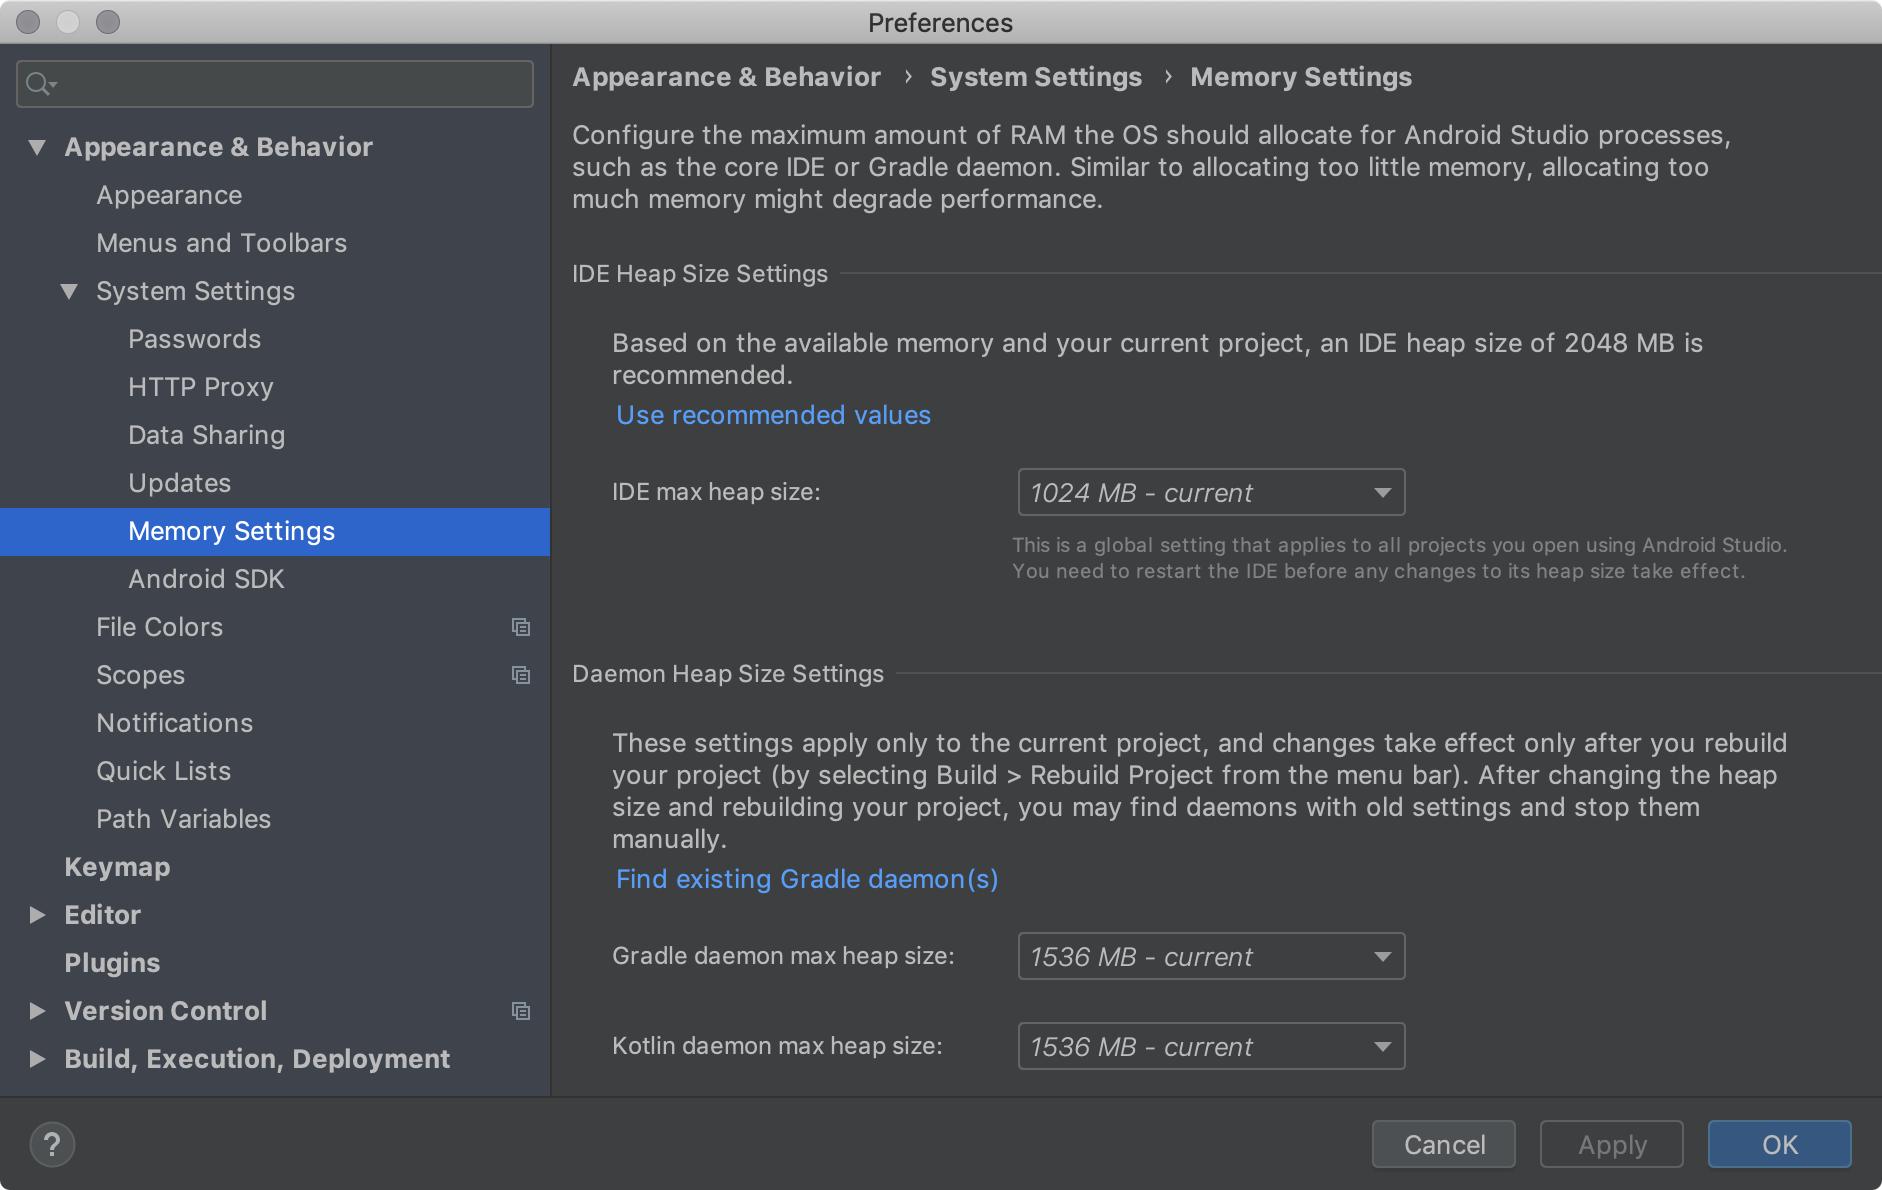 Android Studio プロセス用の RAM の最大量を設定できるメモリ設定